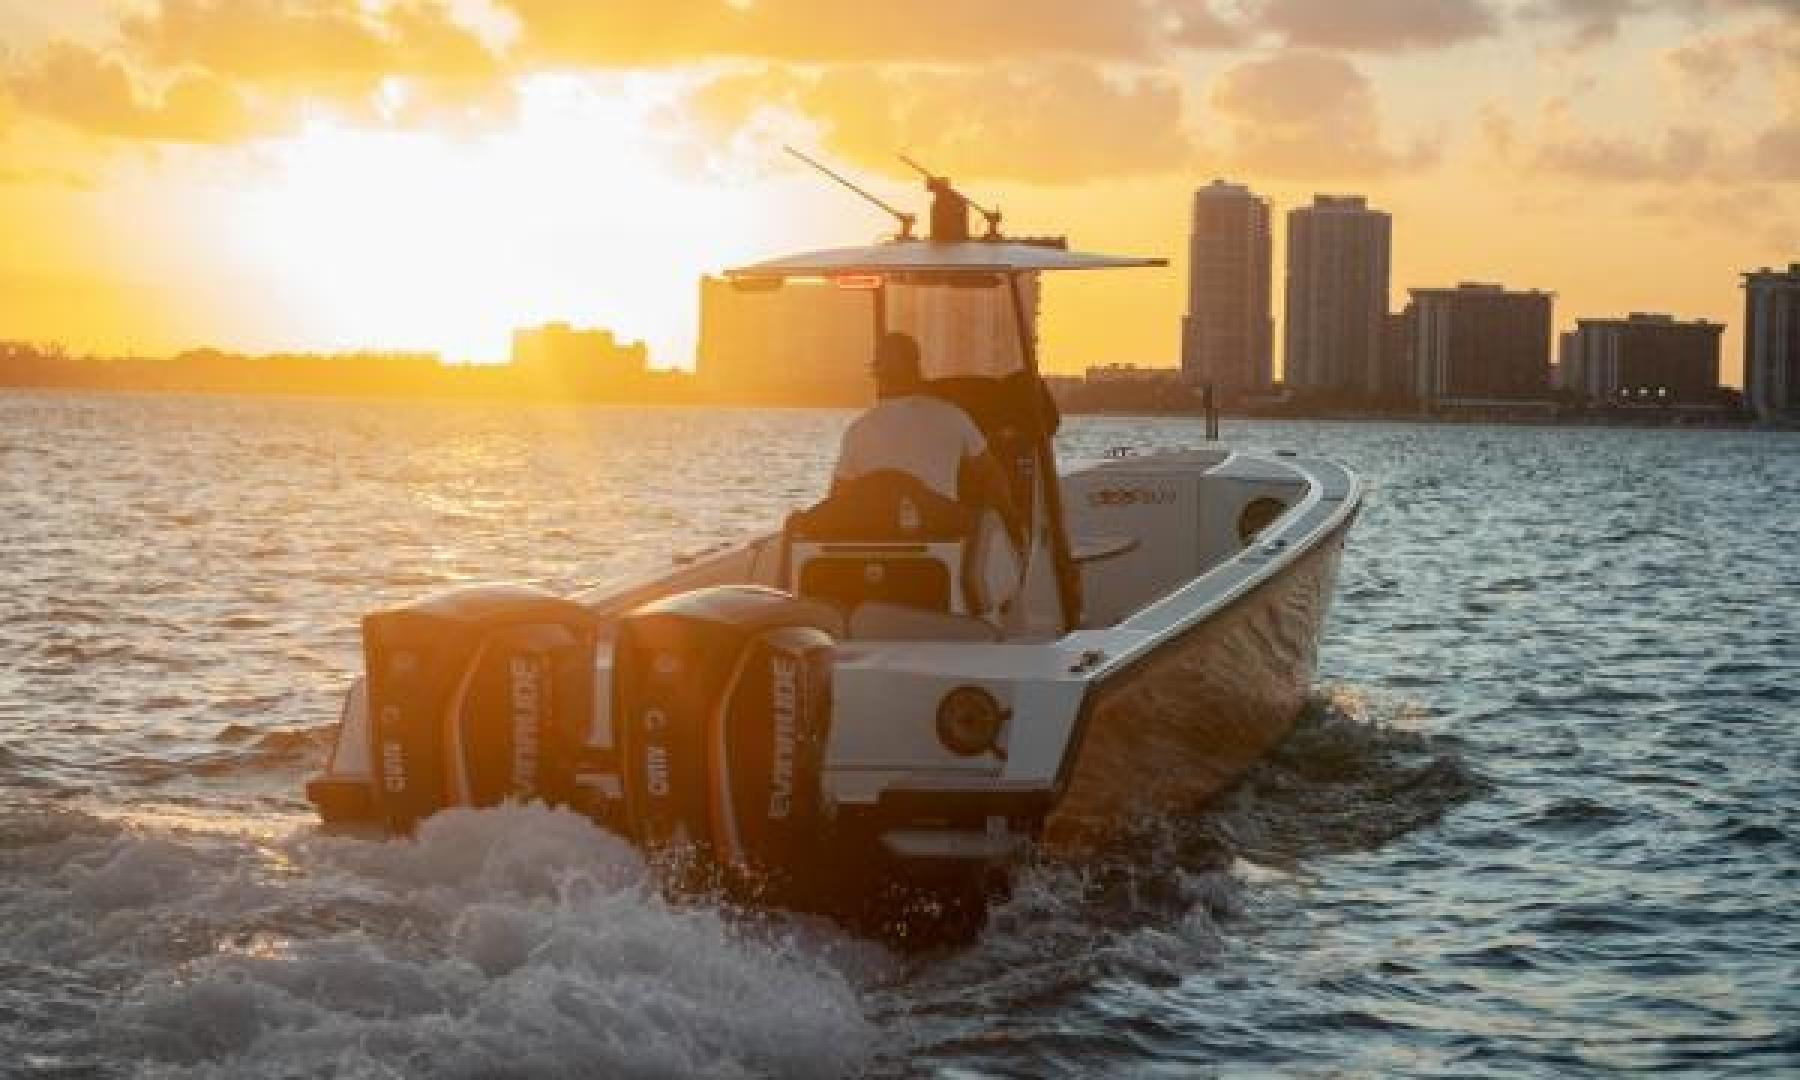 Vandalize-SUV 305 2019-Vandalize SUV 305 Fort Lauderdale-Florida-United States-1530545 | Thumbnail